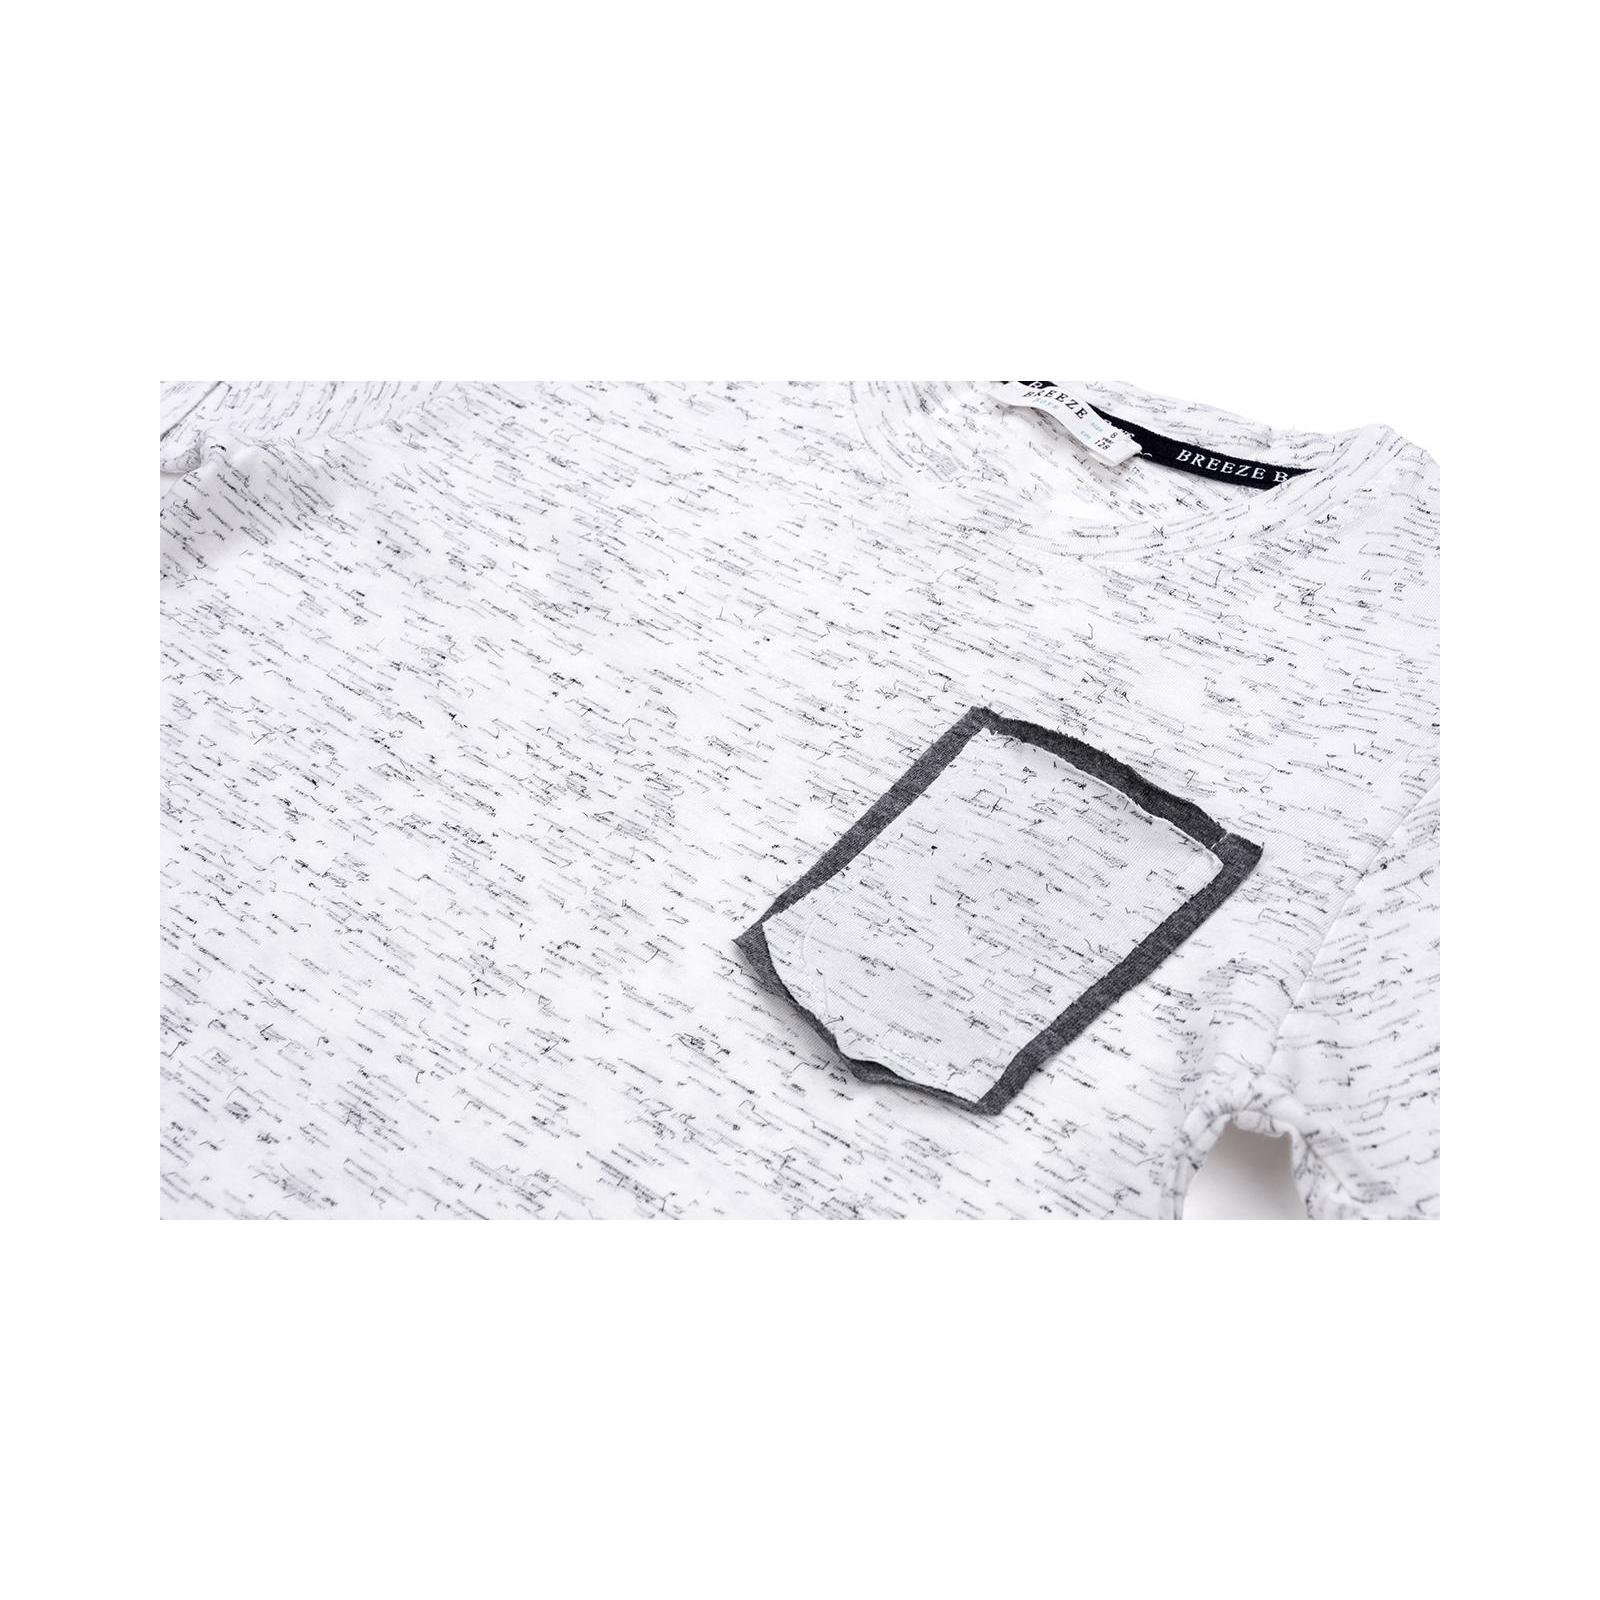 Футболка детская Breeze с карманчиком (11075-140B-gray) изображение 5